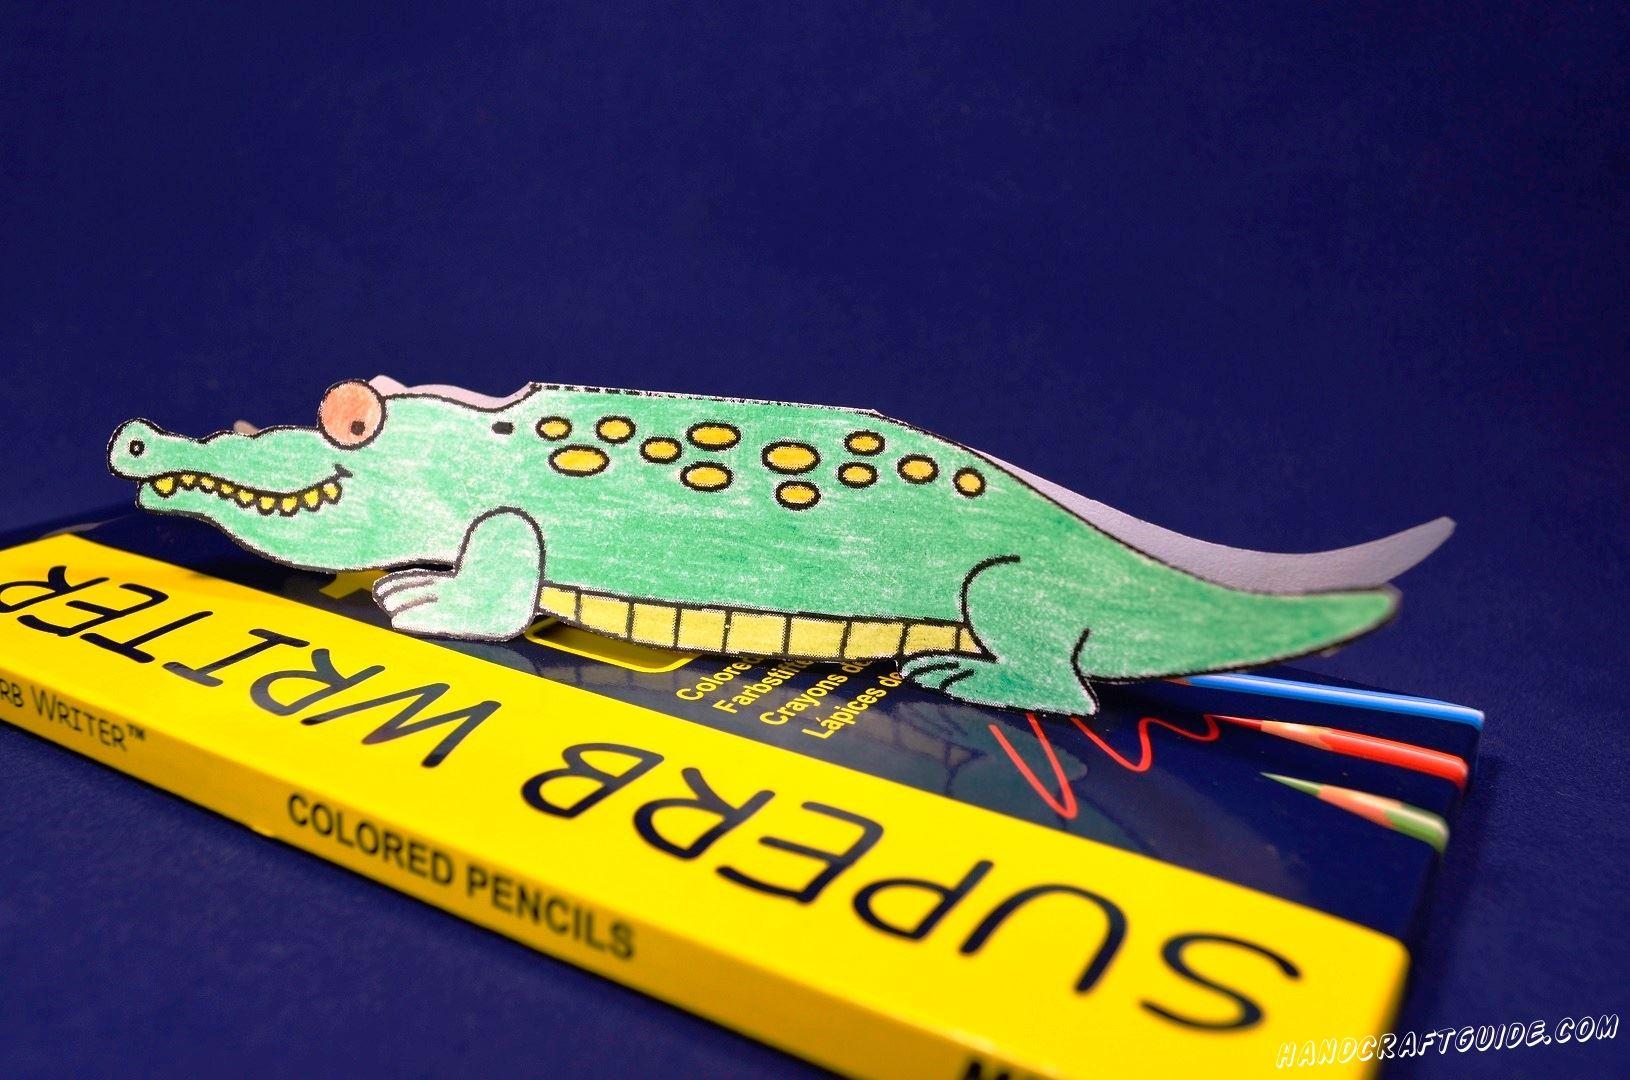 А кто это у нас тут такой? Да это же крокодил из бумаги. Давайте же и себе сделаем такого!